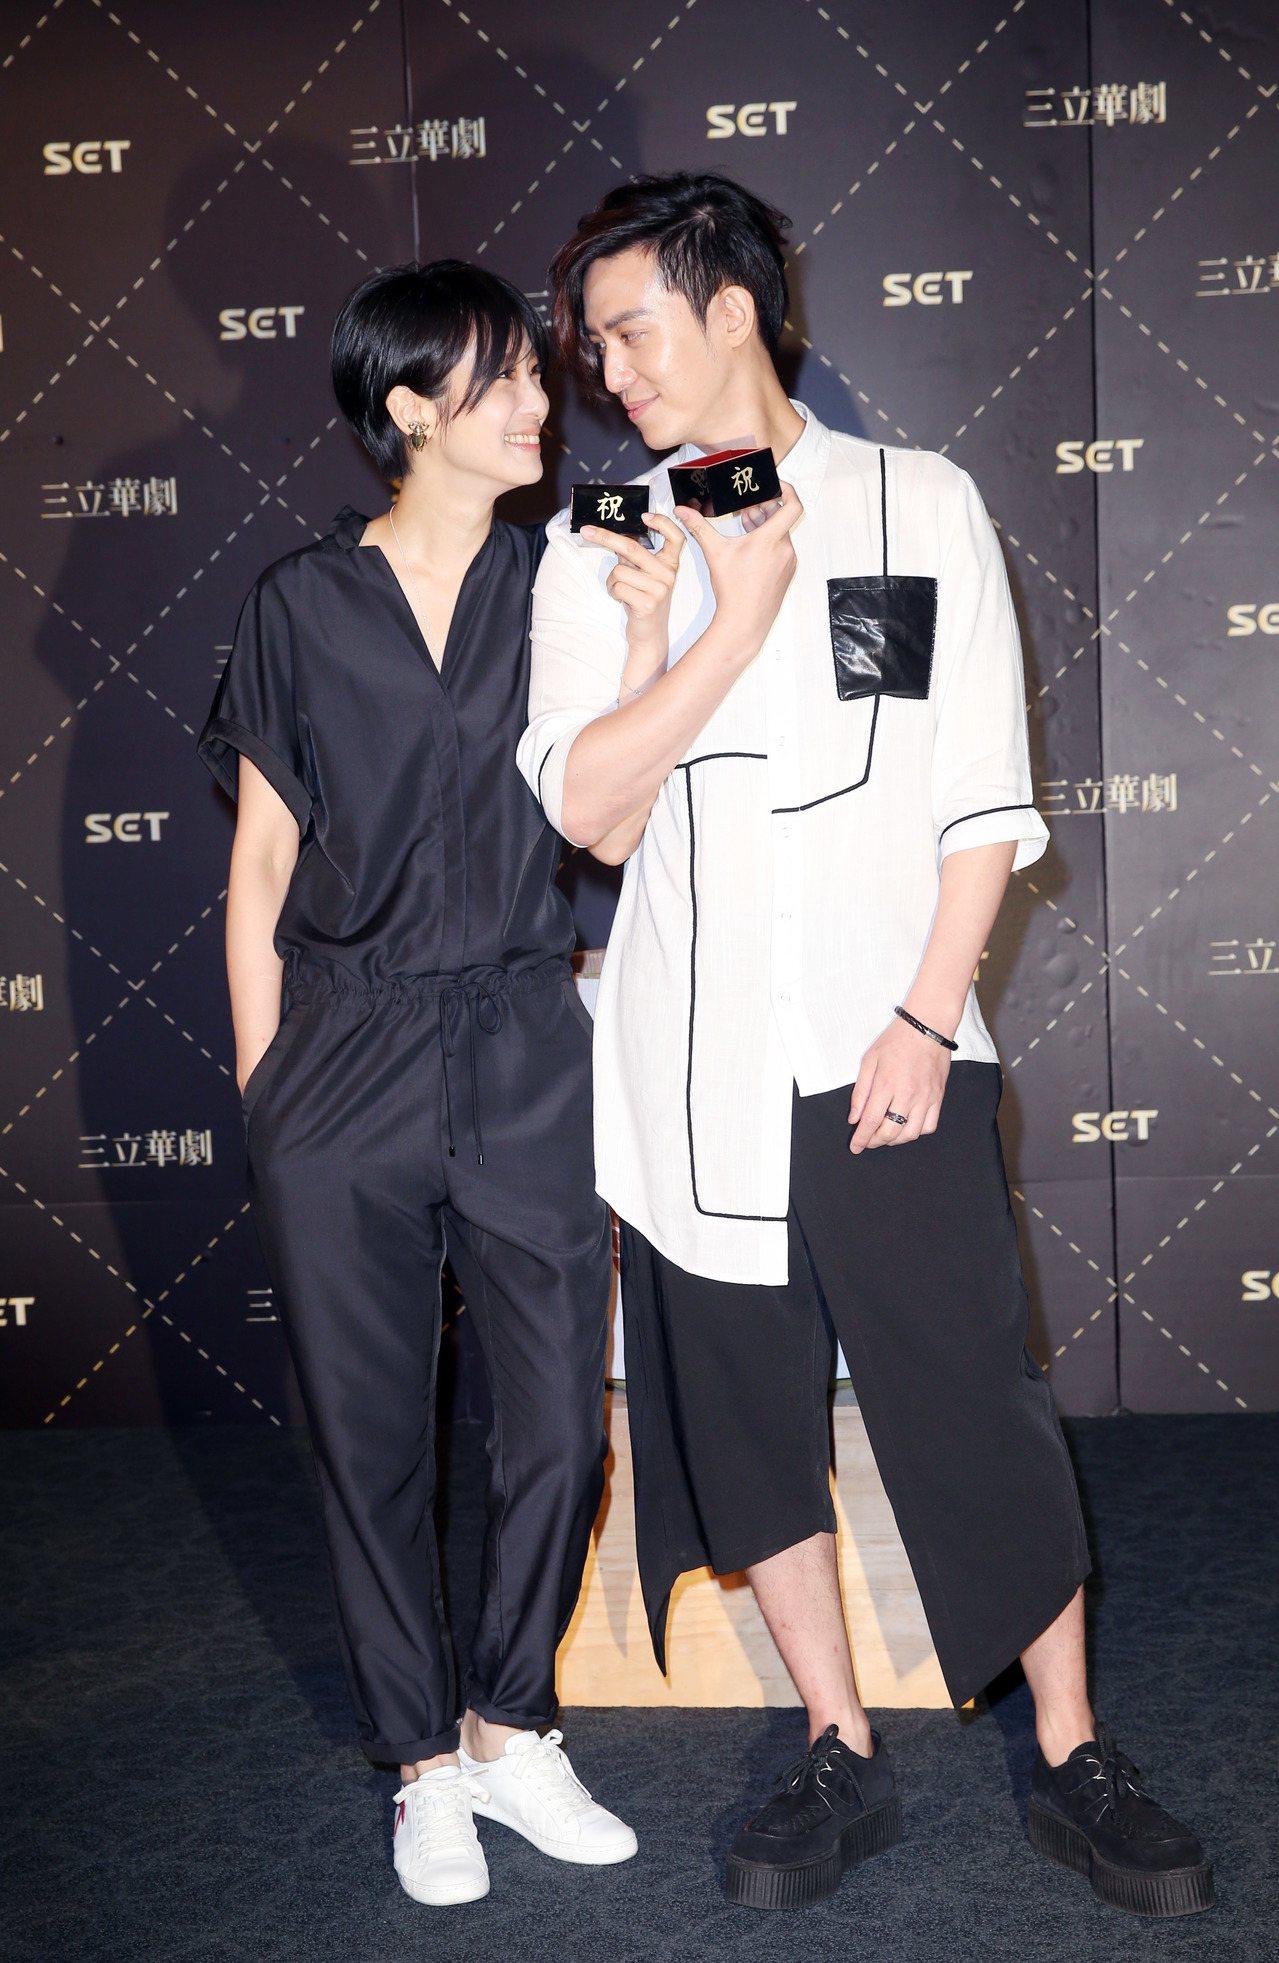 陳楚河(右)與賴雅妍將前進日本會粉絲。記者陳瑞源/攝影(※ 提醒您:禁止酒駕 飲...